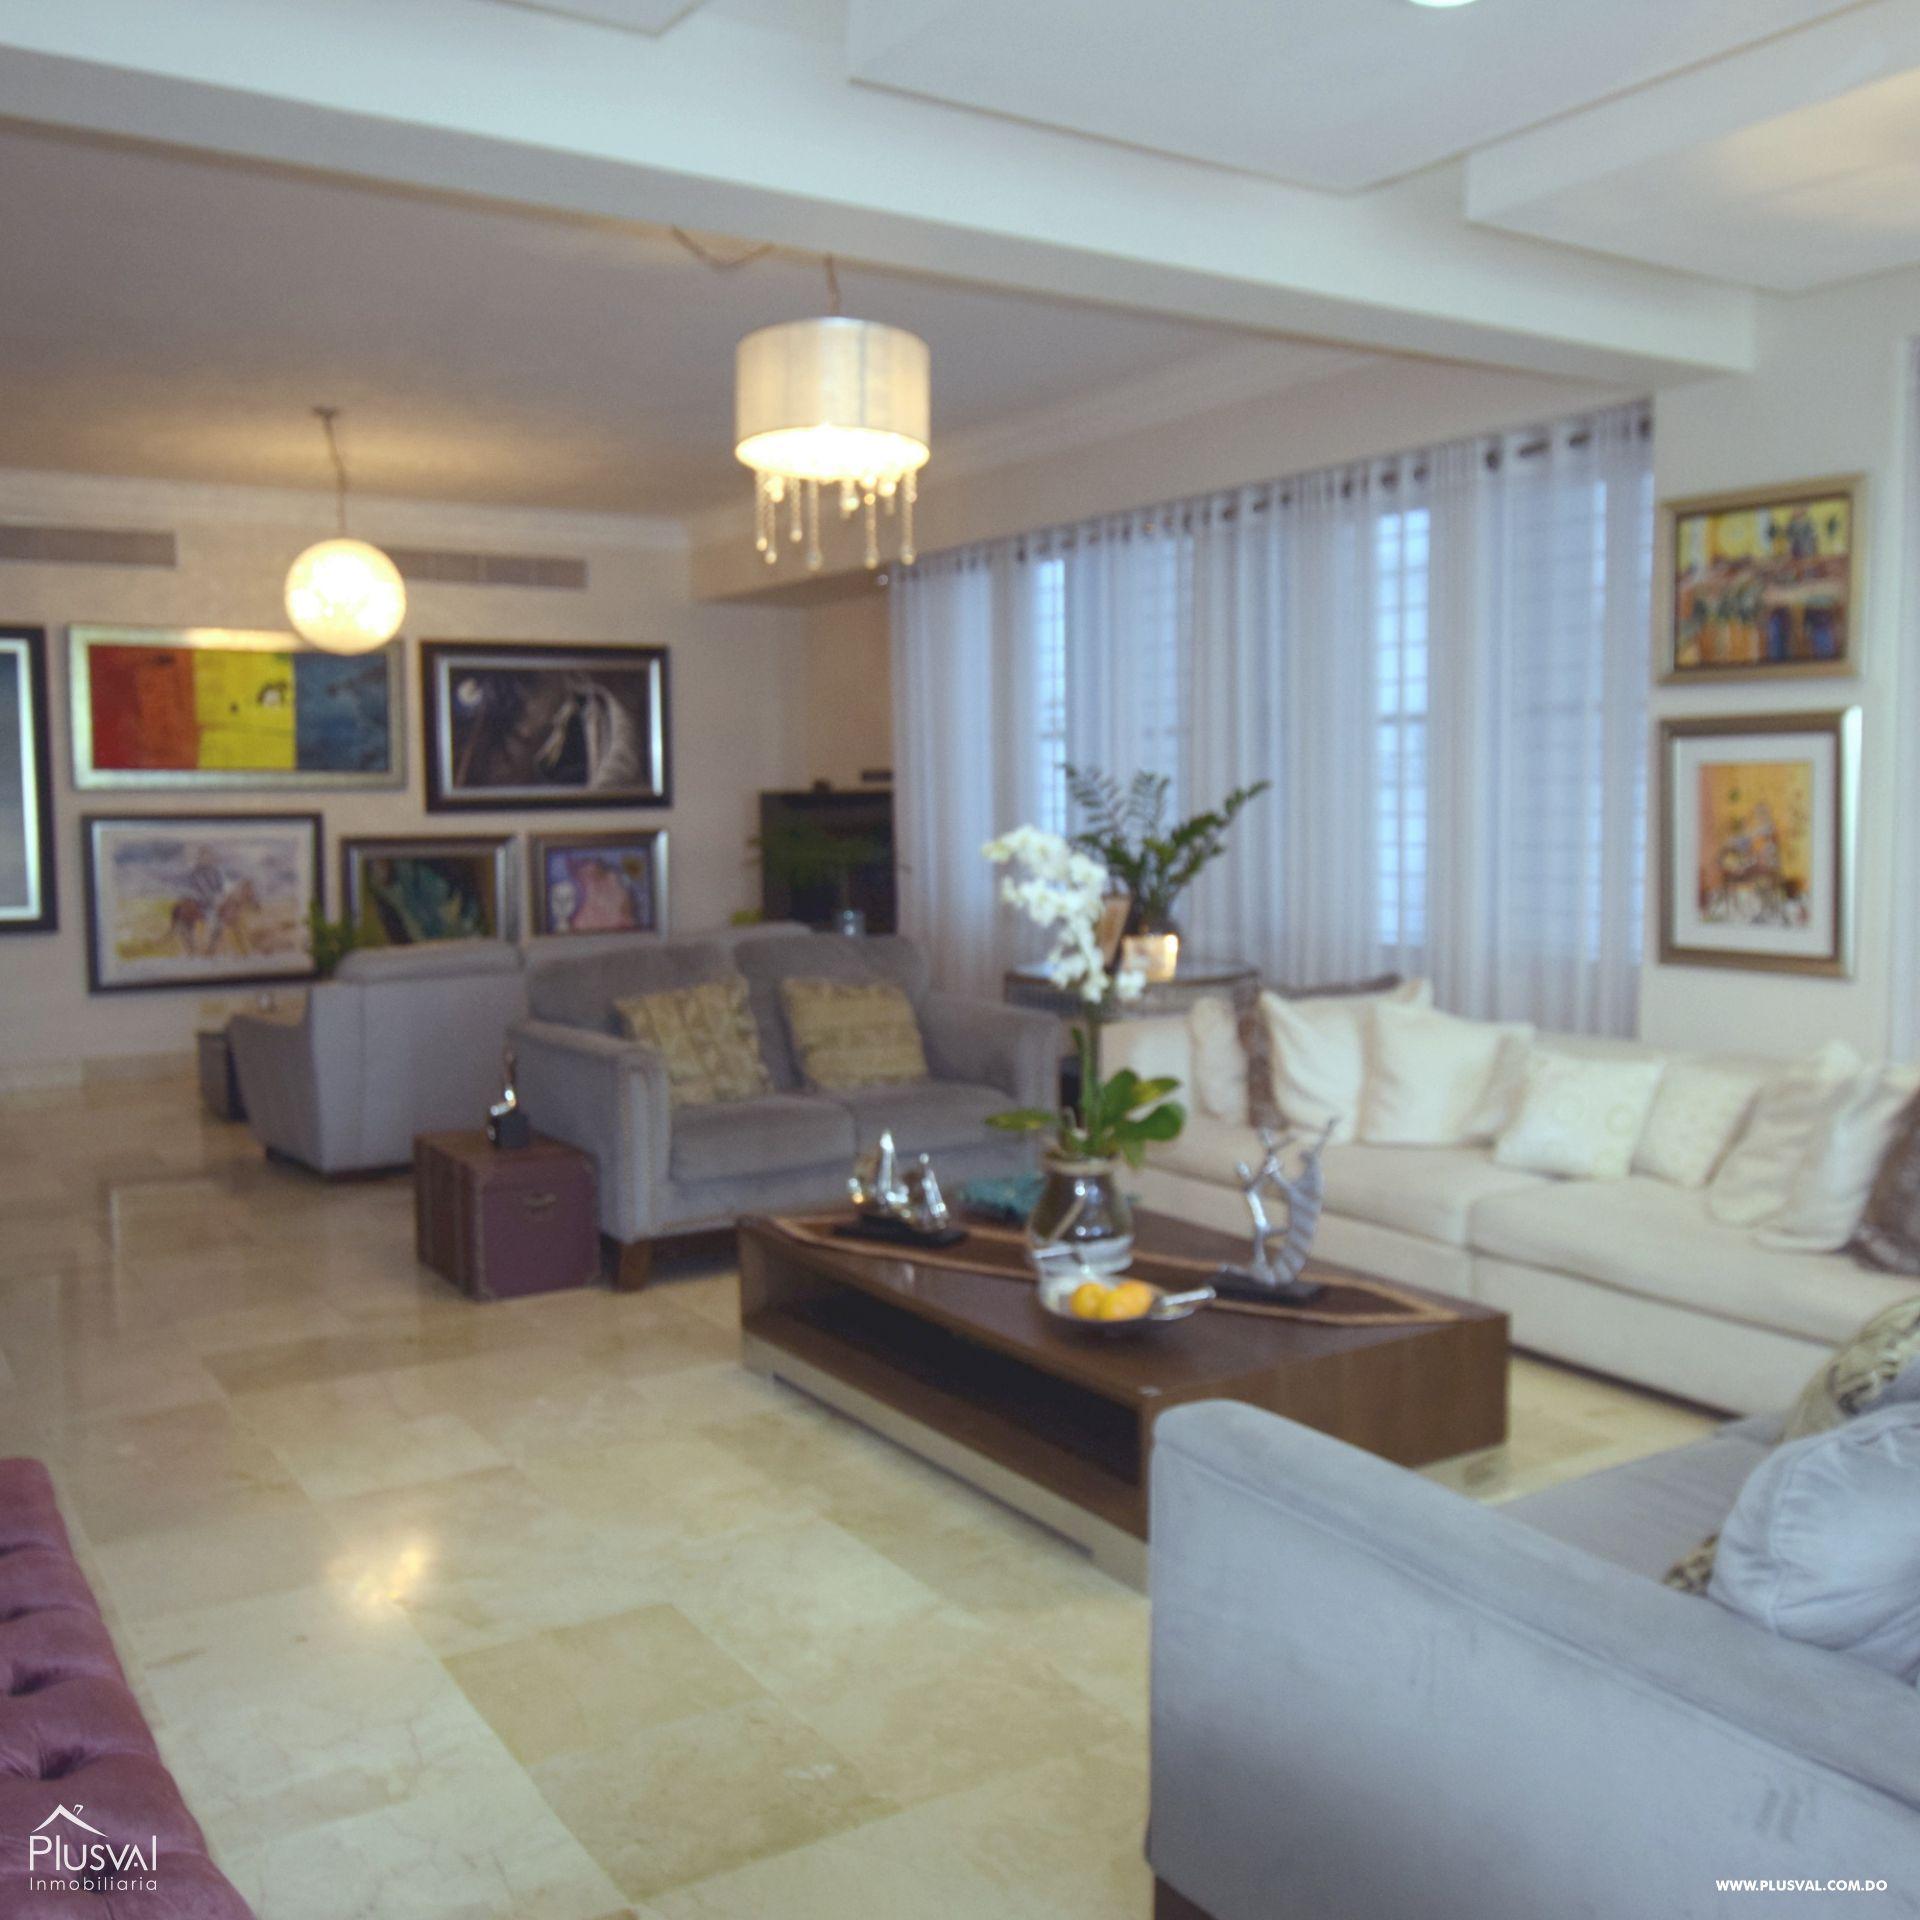 Apartamento en venta en el corazon de Piantini 168004